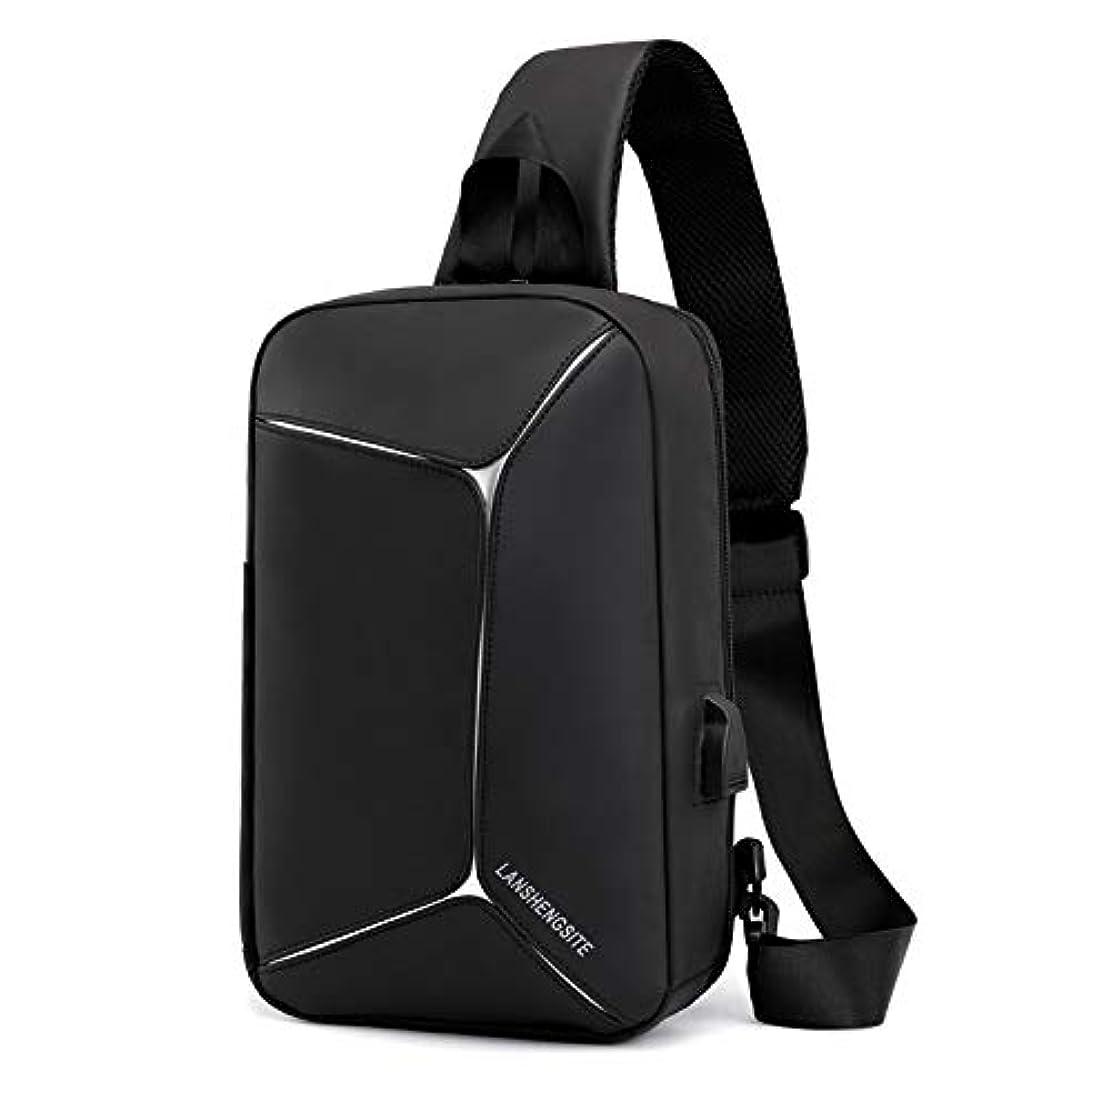 ルビー振るヒューズ2019新品 ボディバッグ 斜め掛け ショルダーバッグ メンズ 肩掛けバッグ 防水 軽量 大容量 多機能 USBポート付き 乾湿両用分離 旅行する 通勤 通学 (ブラック)